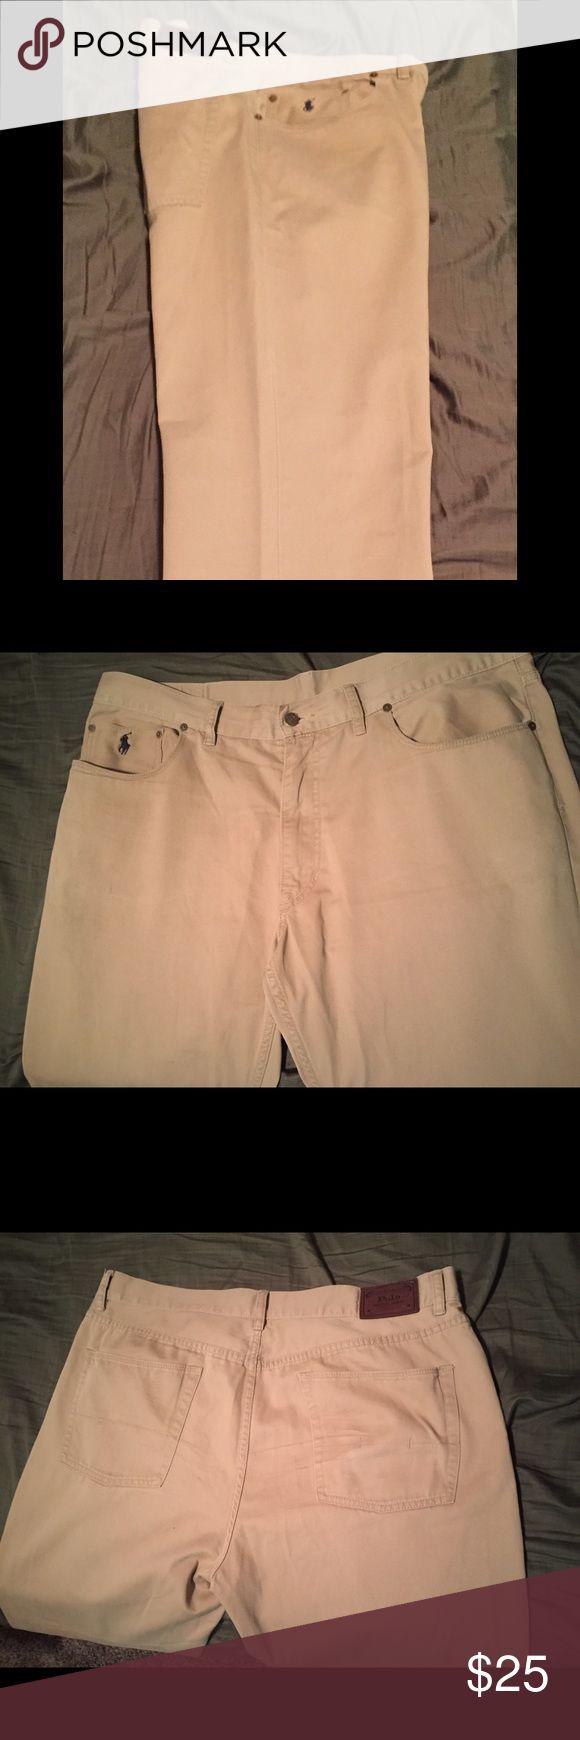 Ralph Lauren Chino Pants Khaki! Ralph Lauren Chino Pants Khaki size 40 waist x 30 inseam Ralph Lauren Pants Chinos & Khakis